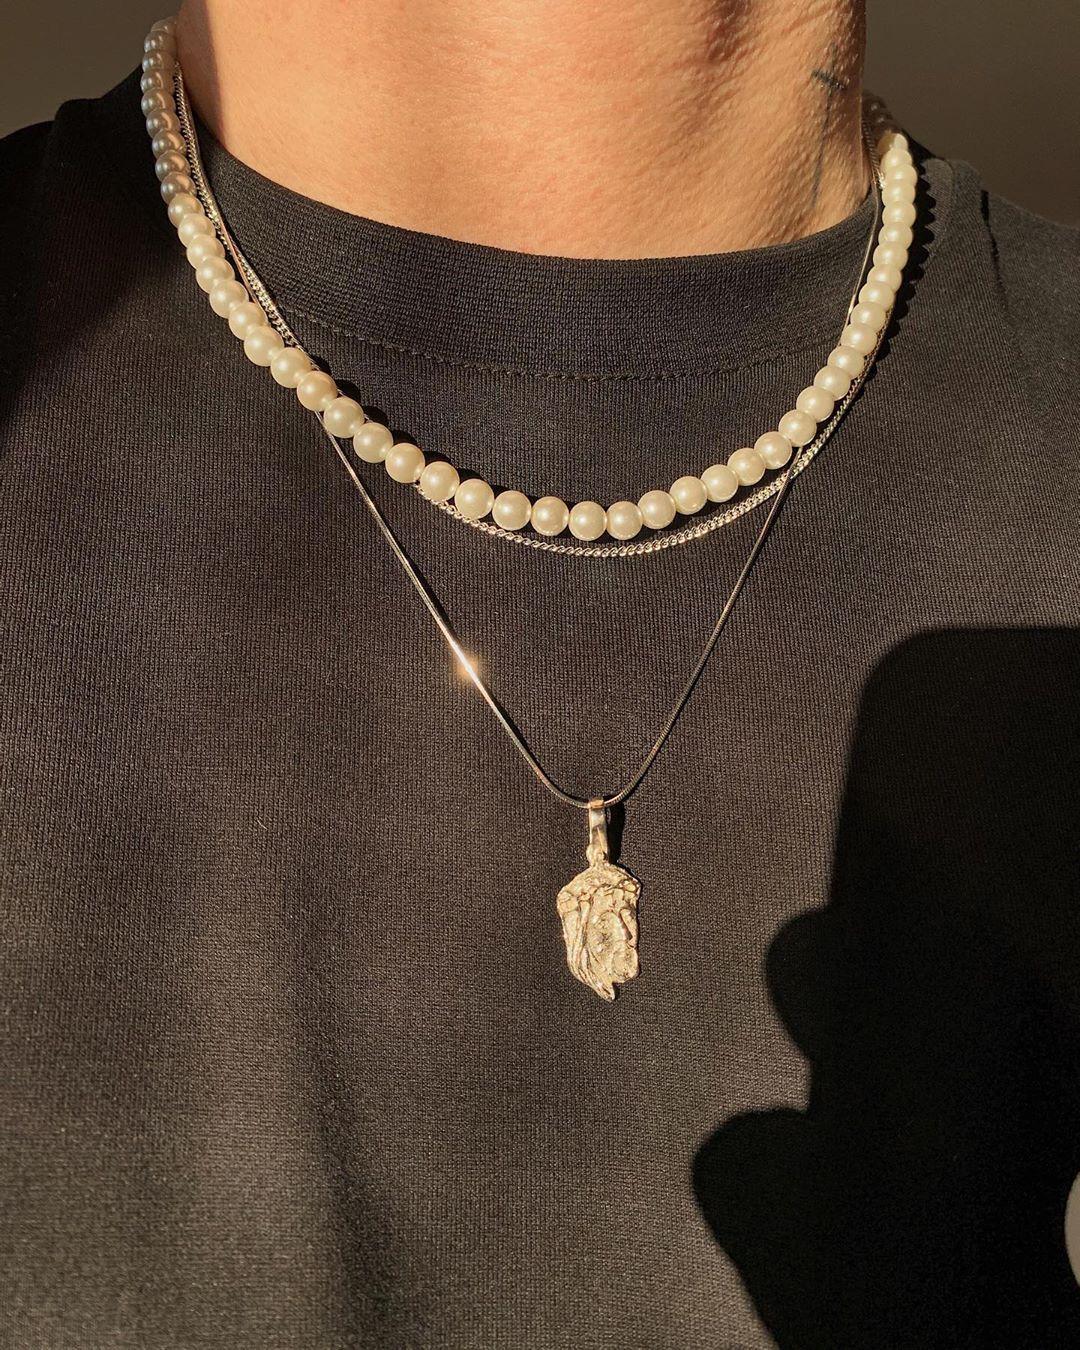 22+ Mens jewelry pendants necklaces info